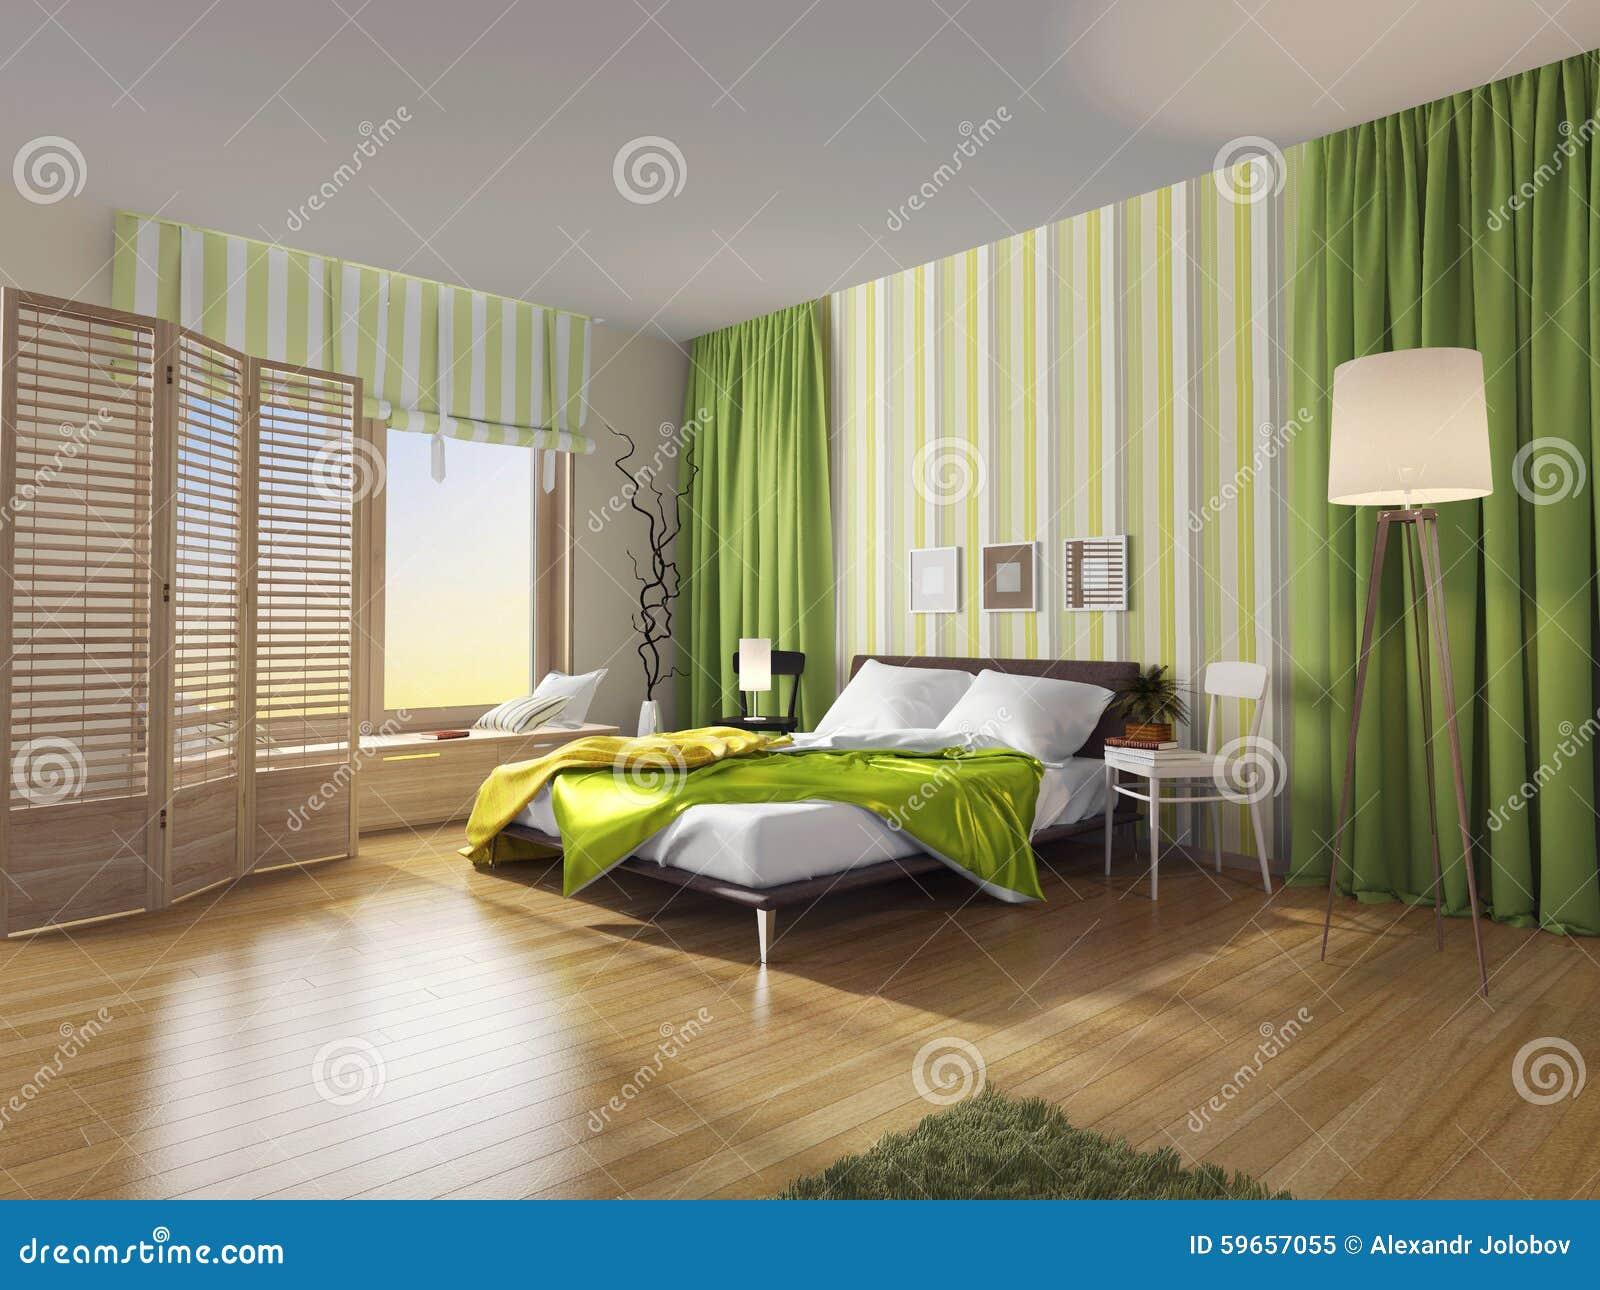 le rideau de la chambre coucher est abaiss photos u le rideau with rideaux chambres coucher. Black Bedroom Furniture Sets. Home Design Ideas